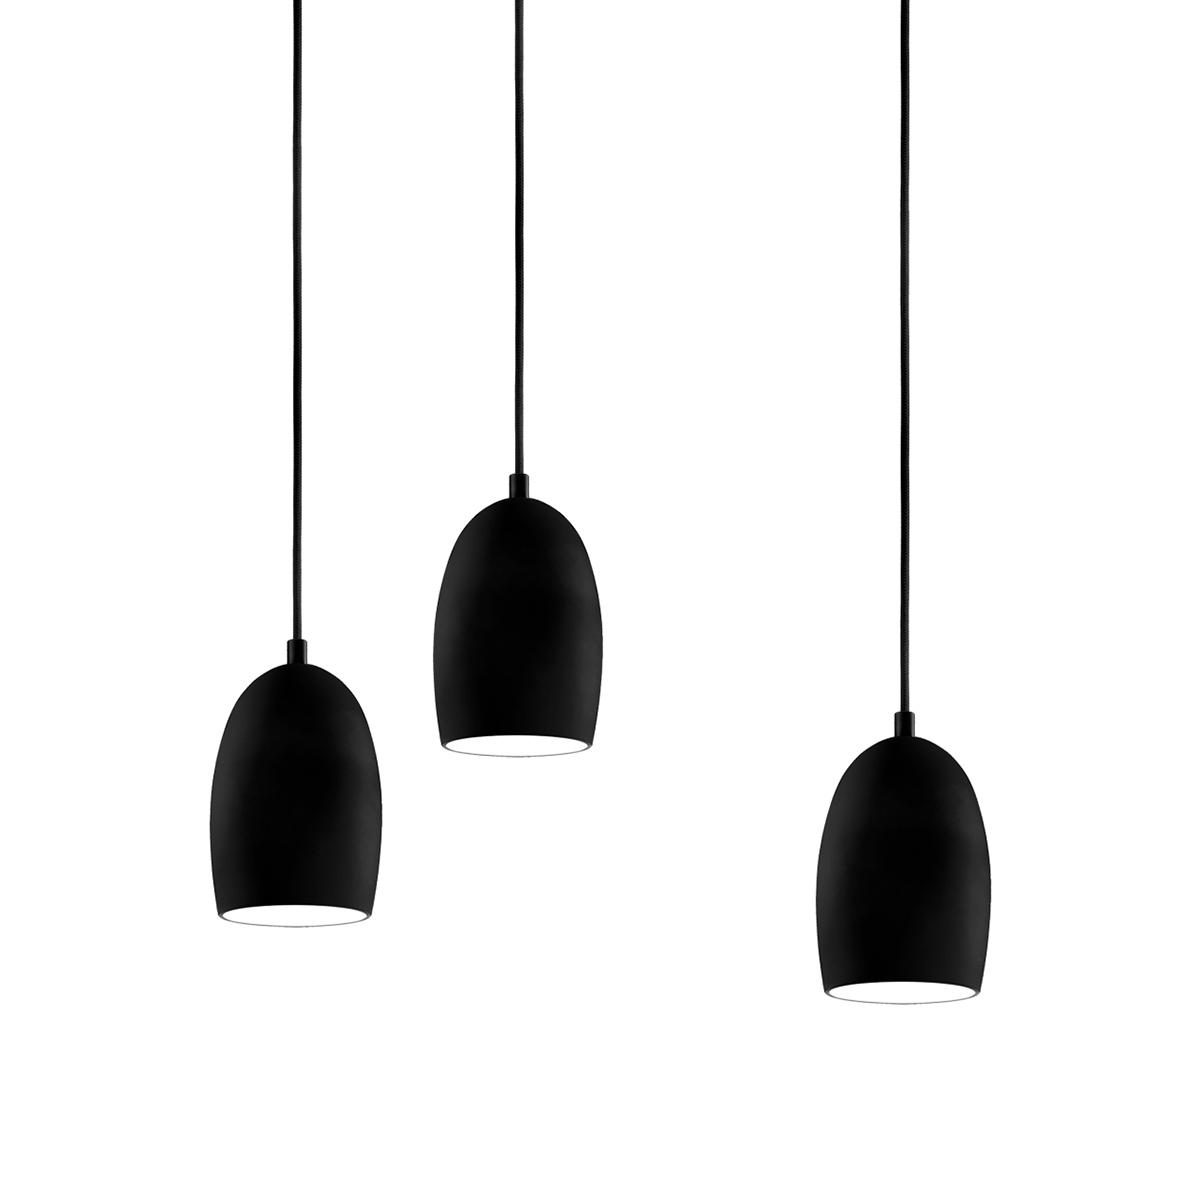 dreiflammige pendelleuchte glas pendelleuchte modern. Black Bedroom Furniture Sets. Home Design Ideas